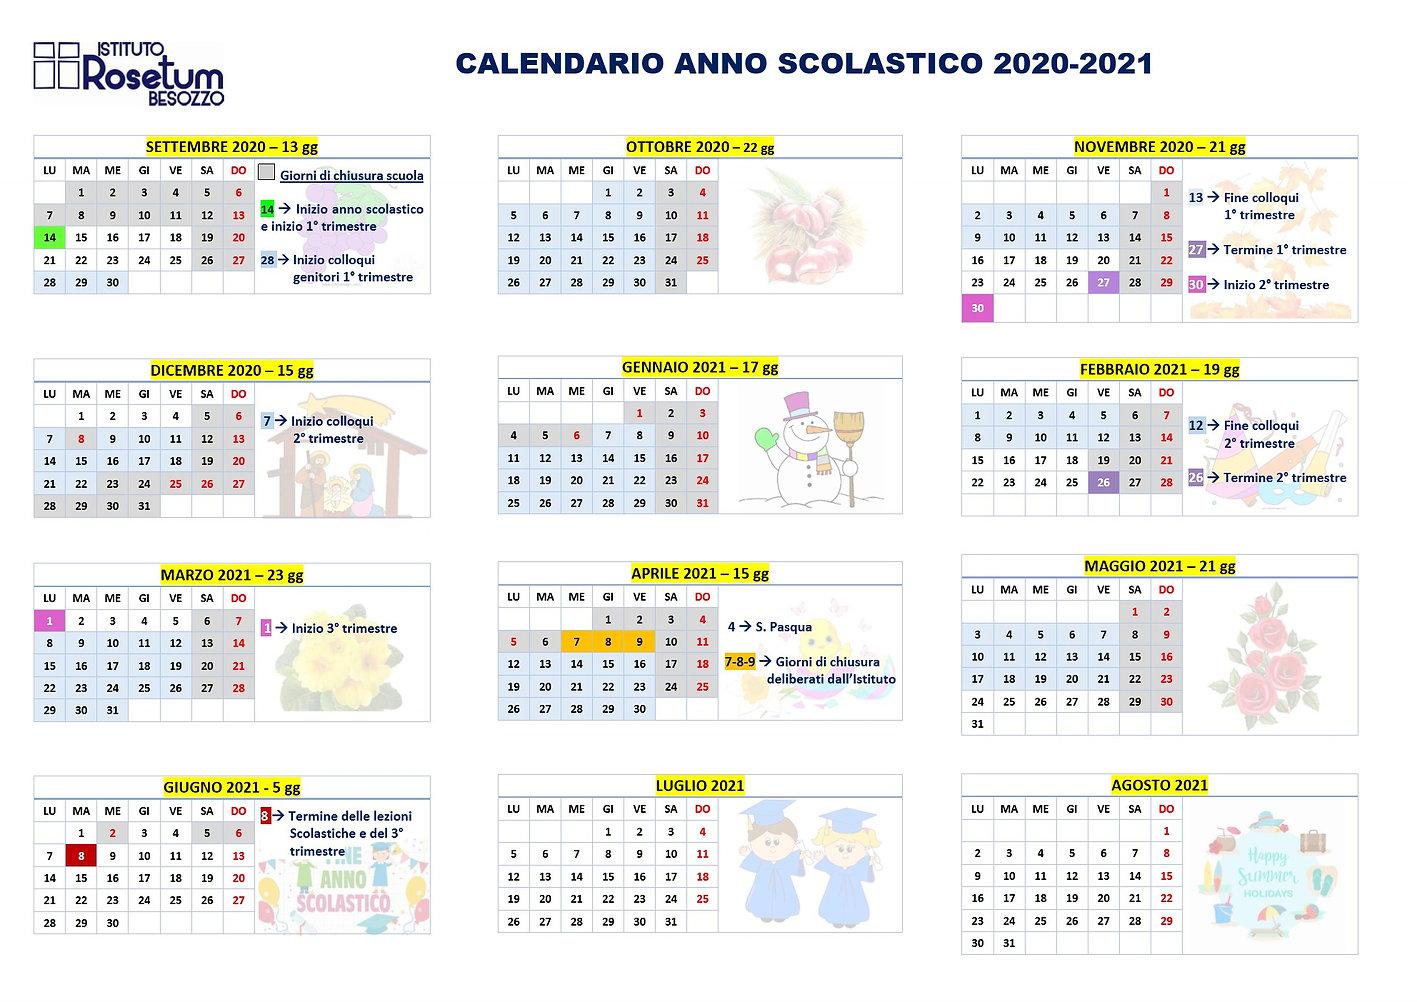 Calendario 2020-2021_Rosetum_1.jpg